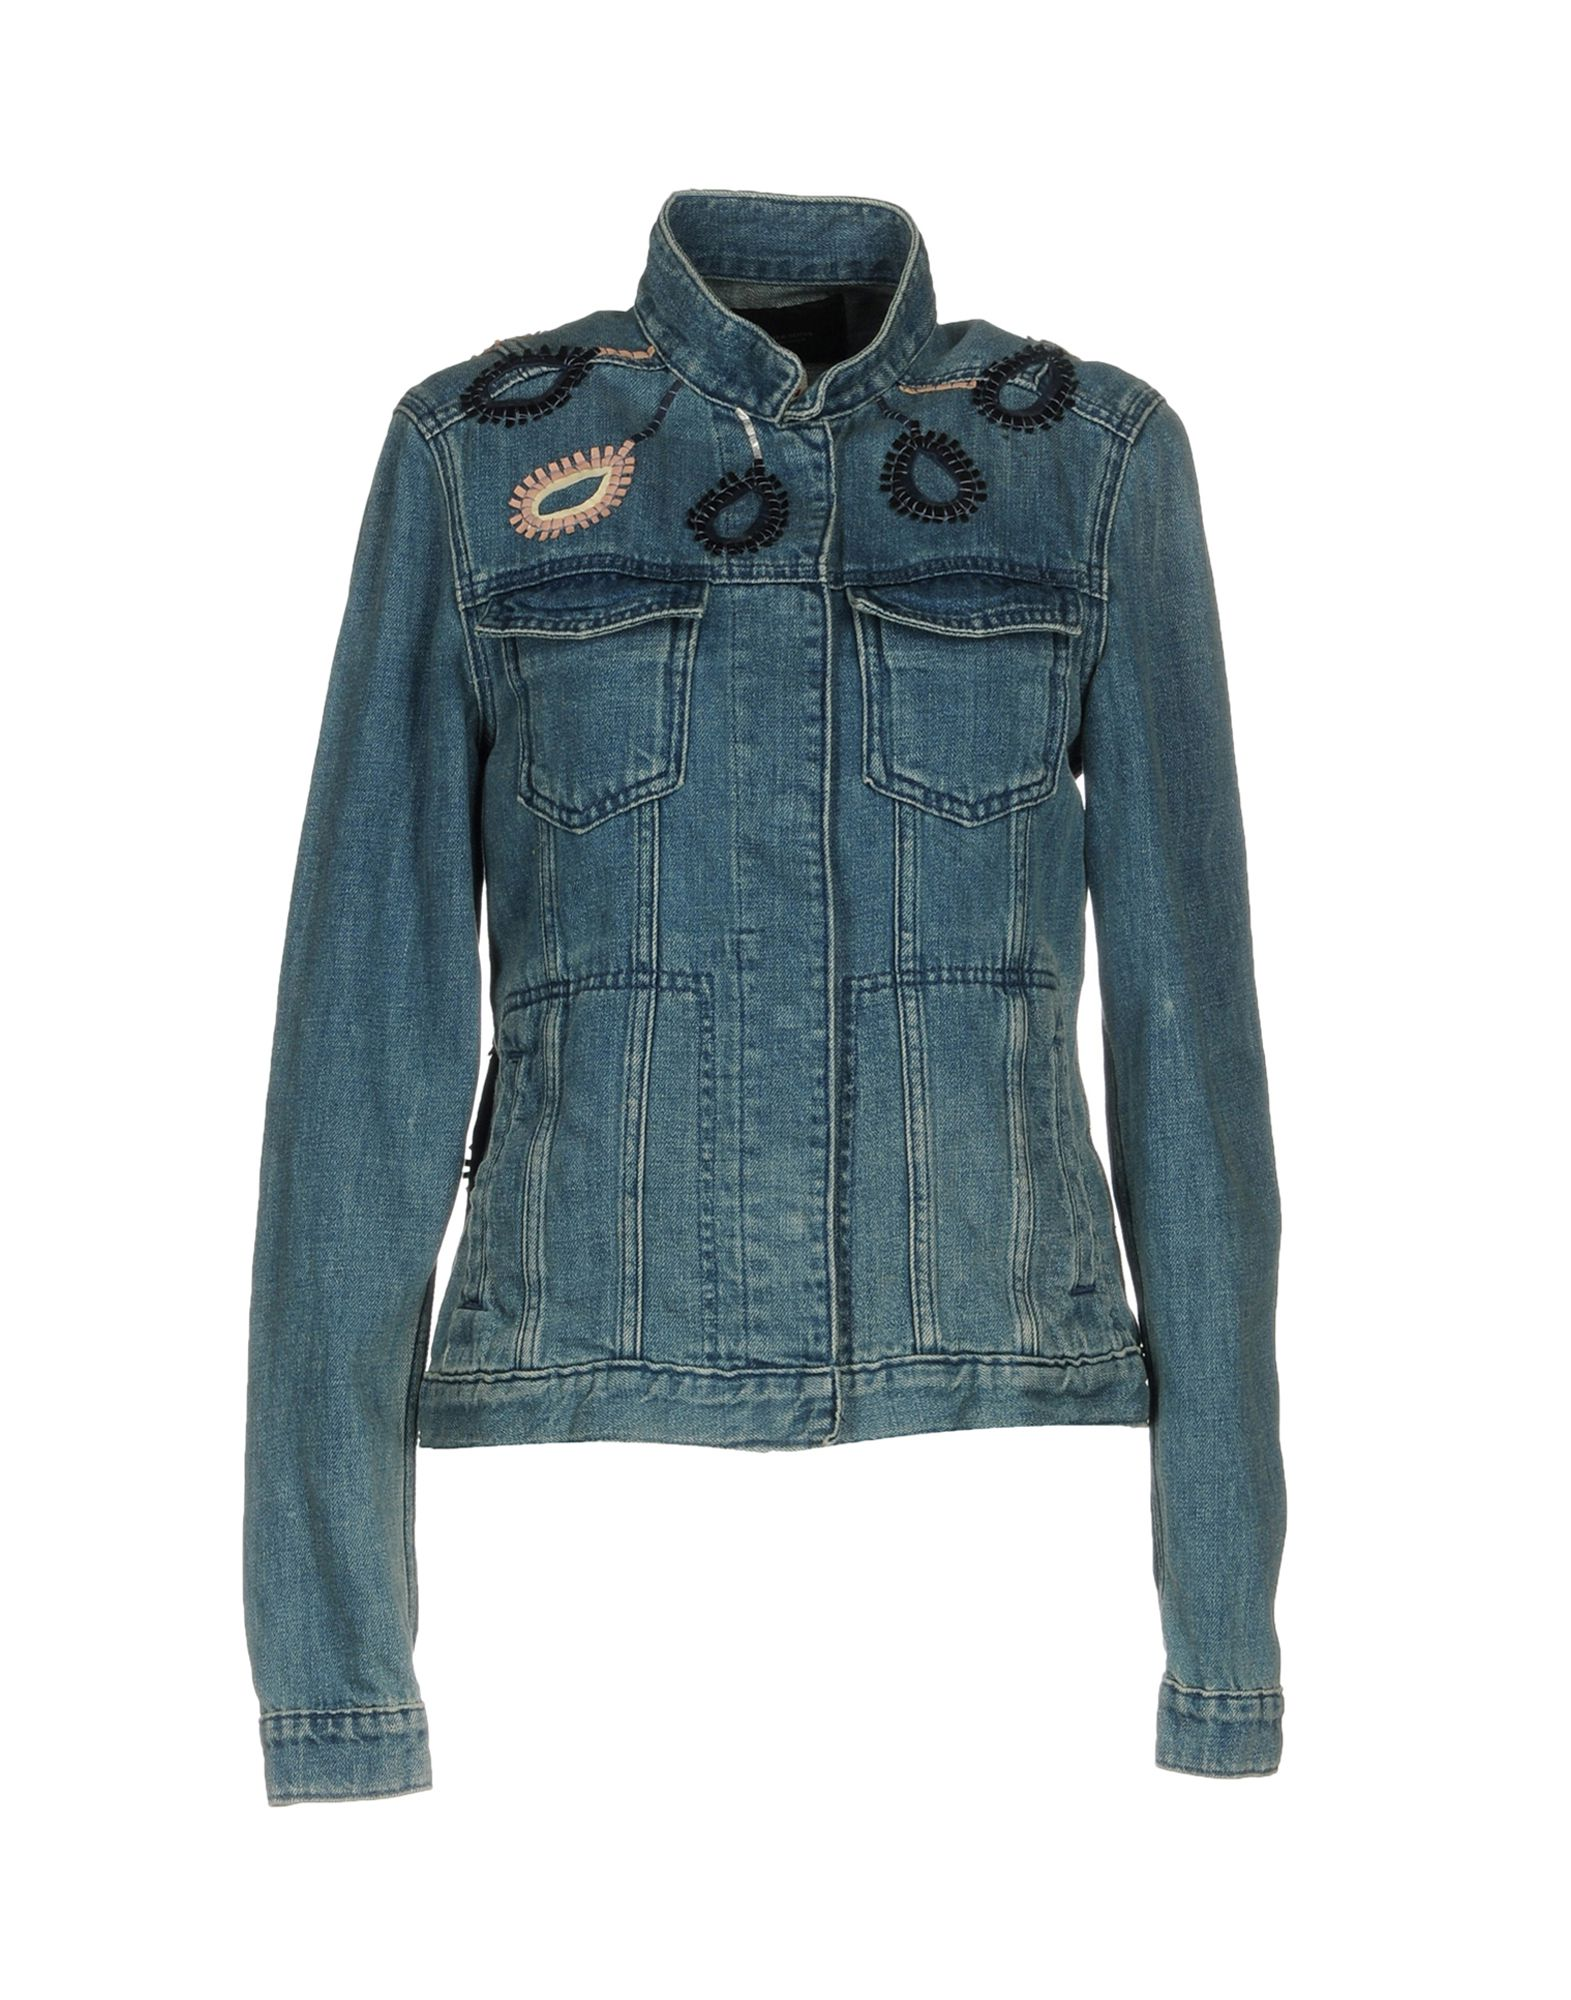 SCOTCH & SODA Джинсовая верхняя одежда reiko джинсовая верхняя одежда